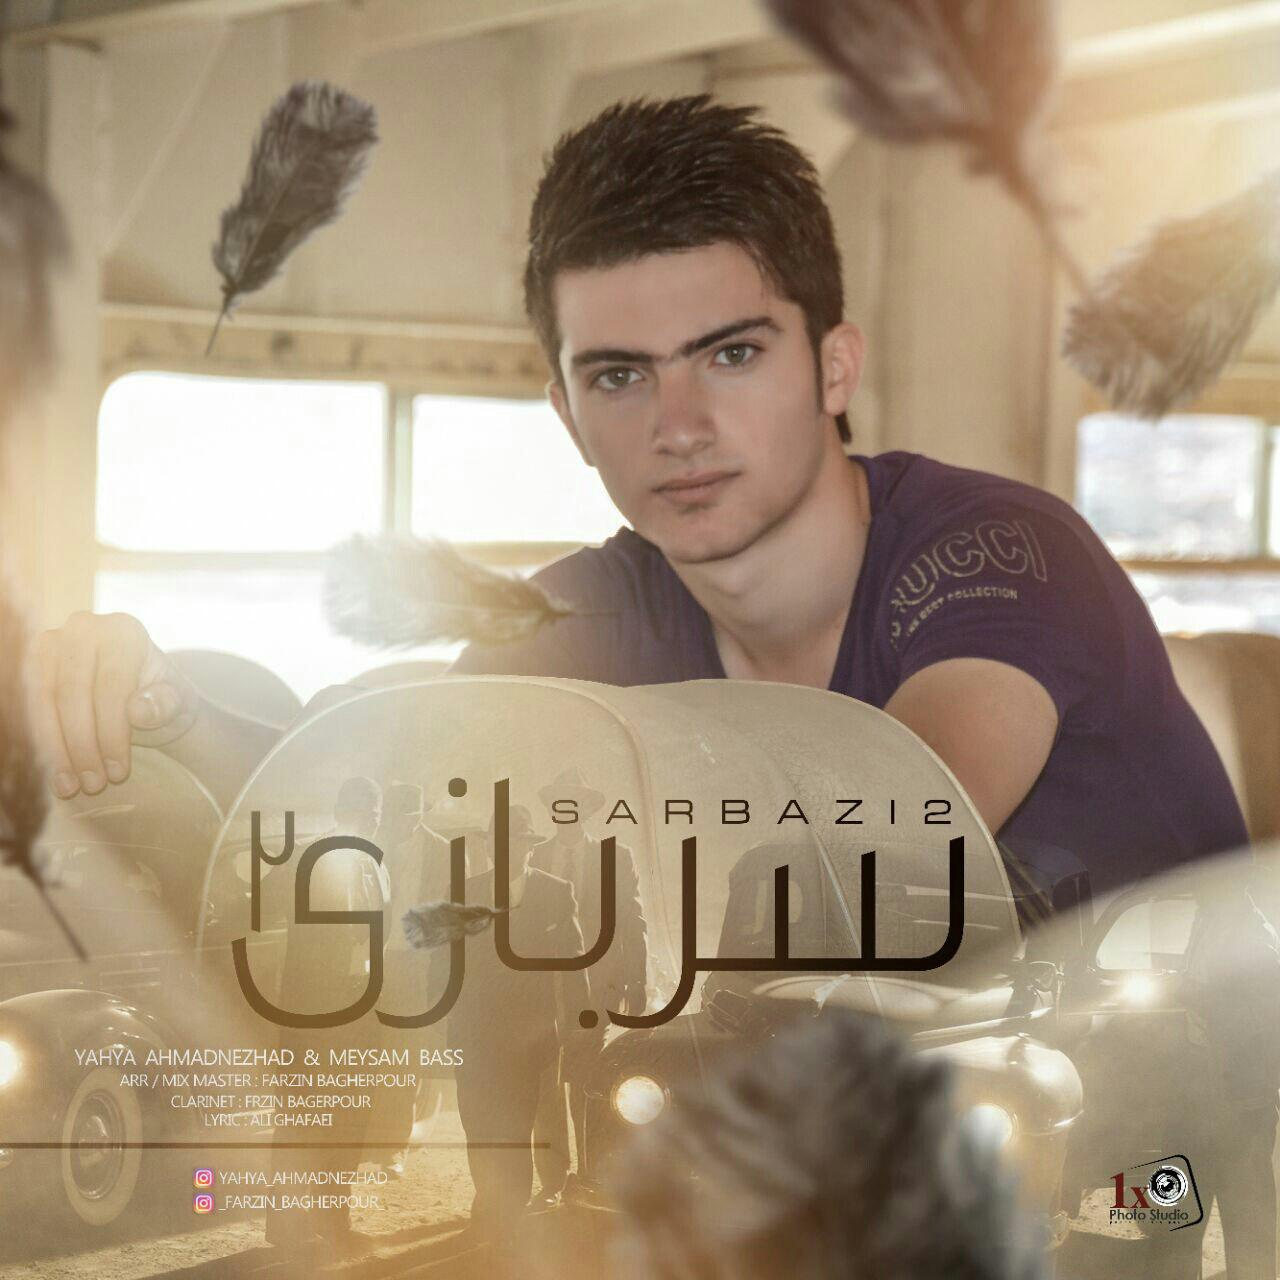 دانلود آهنگ جدید یحیی احمدزاده به نام سربازی2